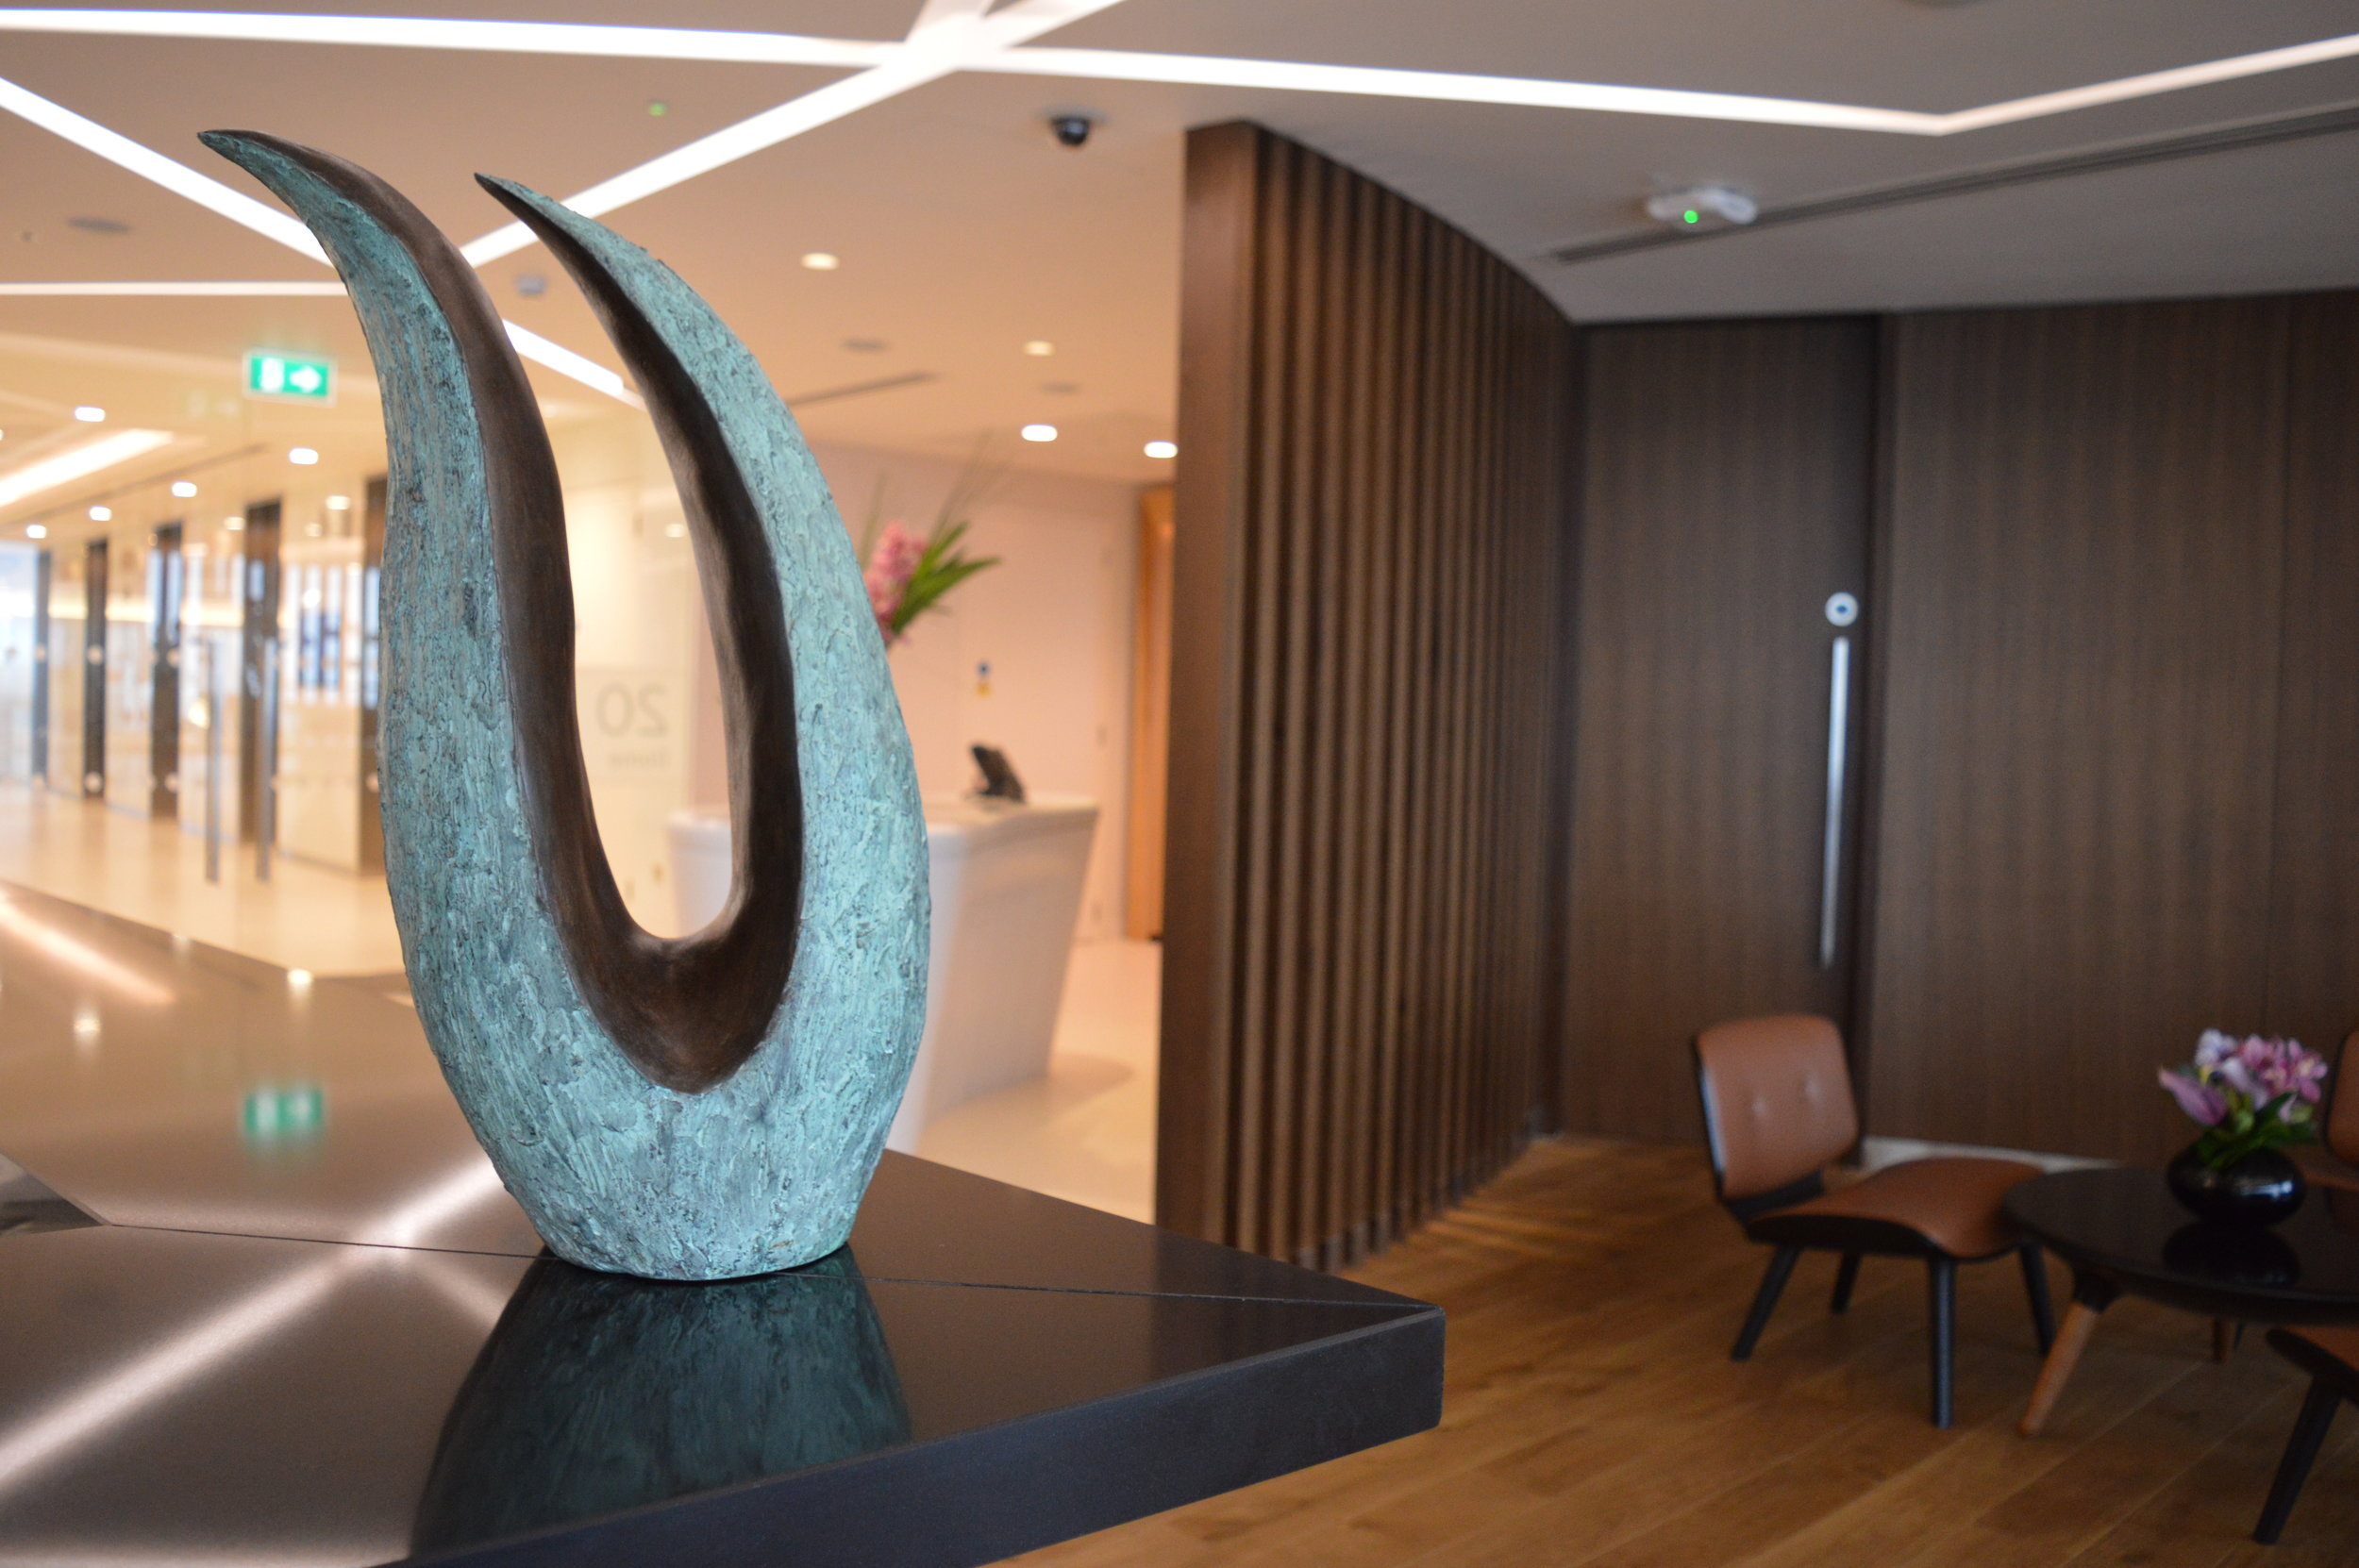 Bronze Resin Sculpture Office Art Consultants